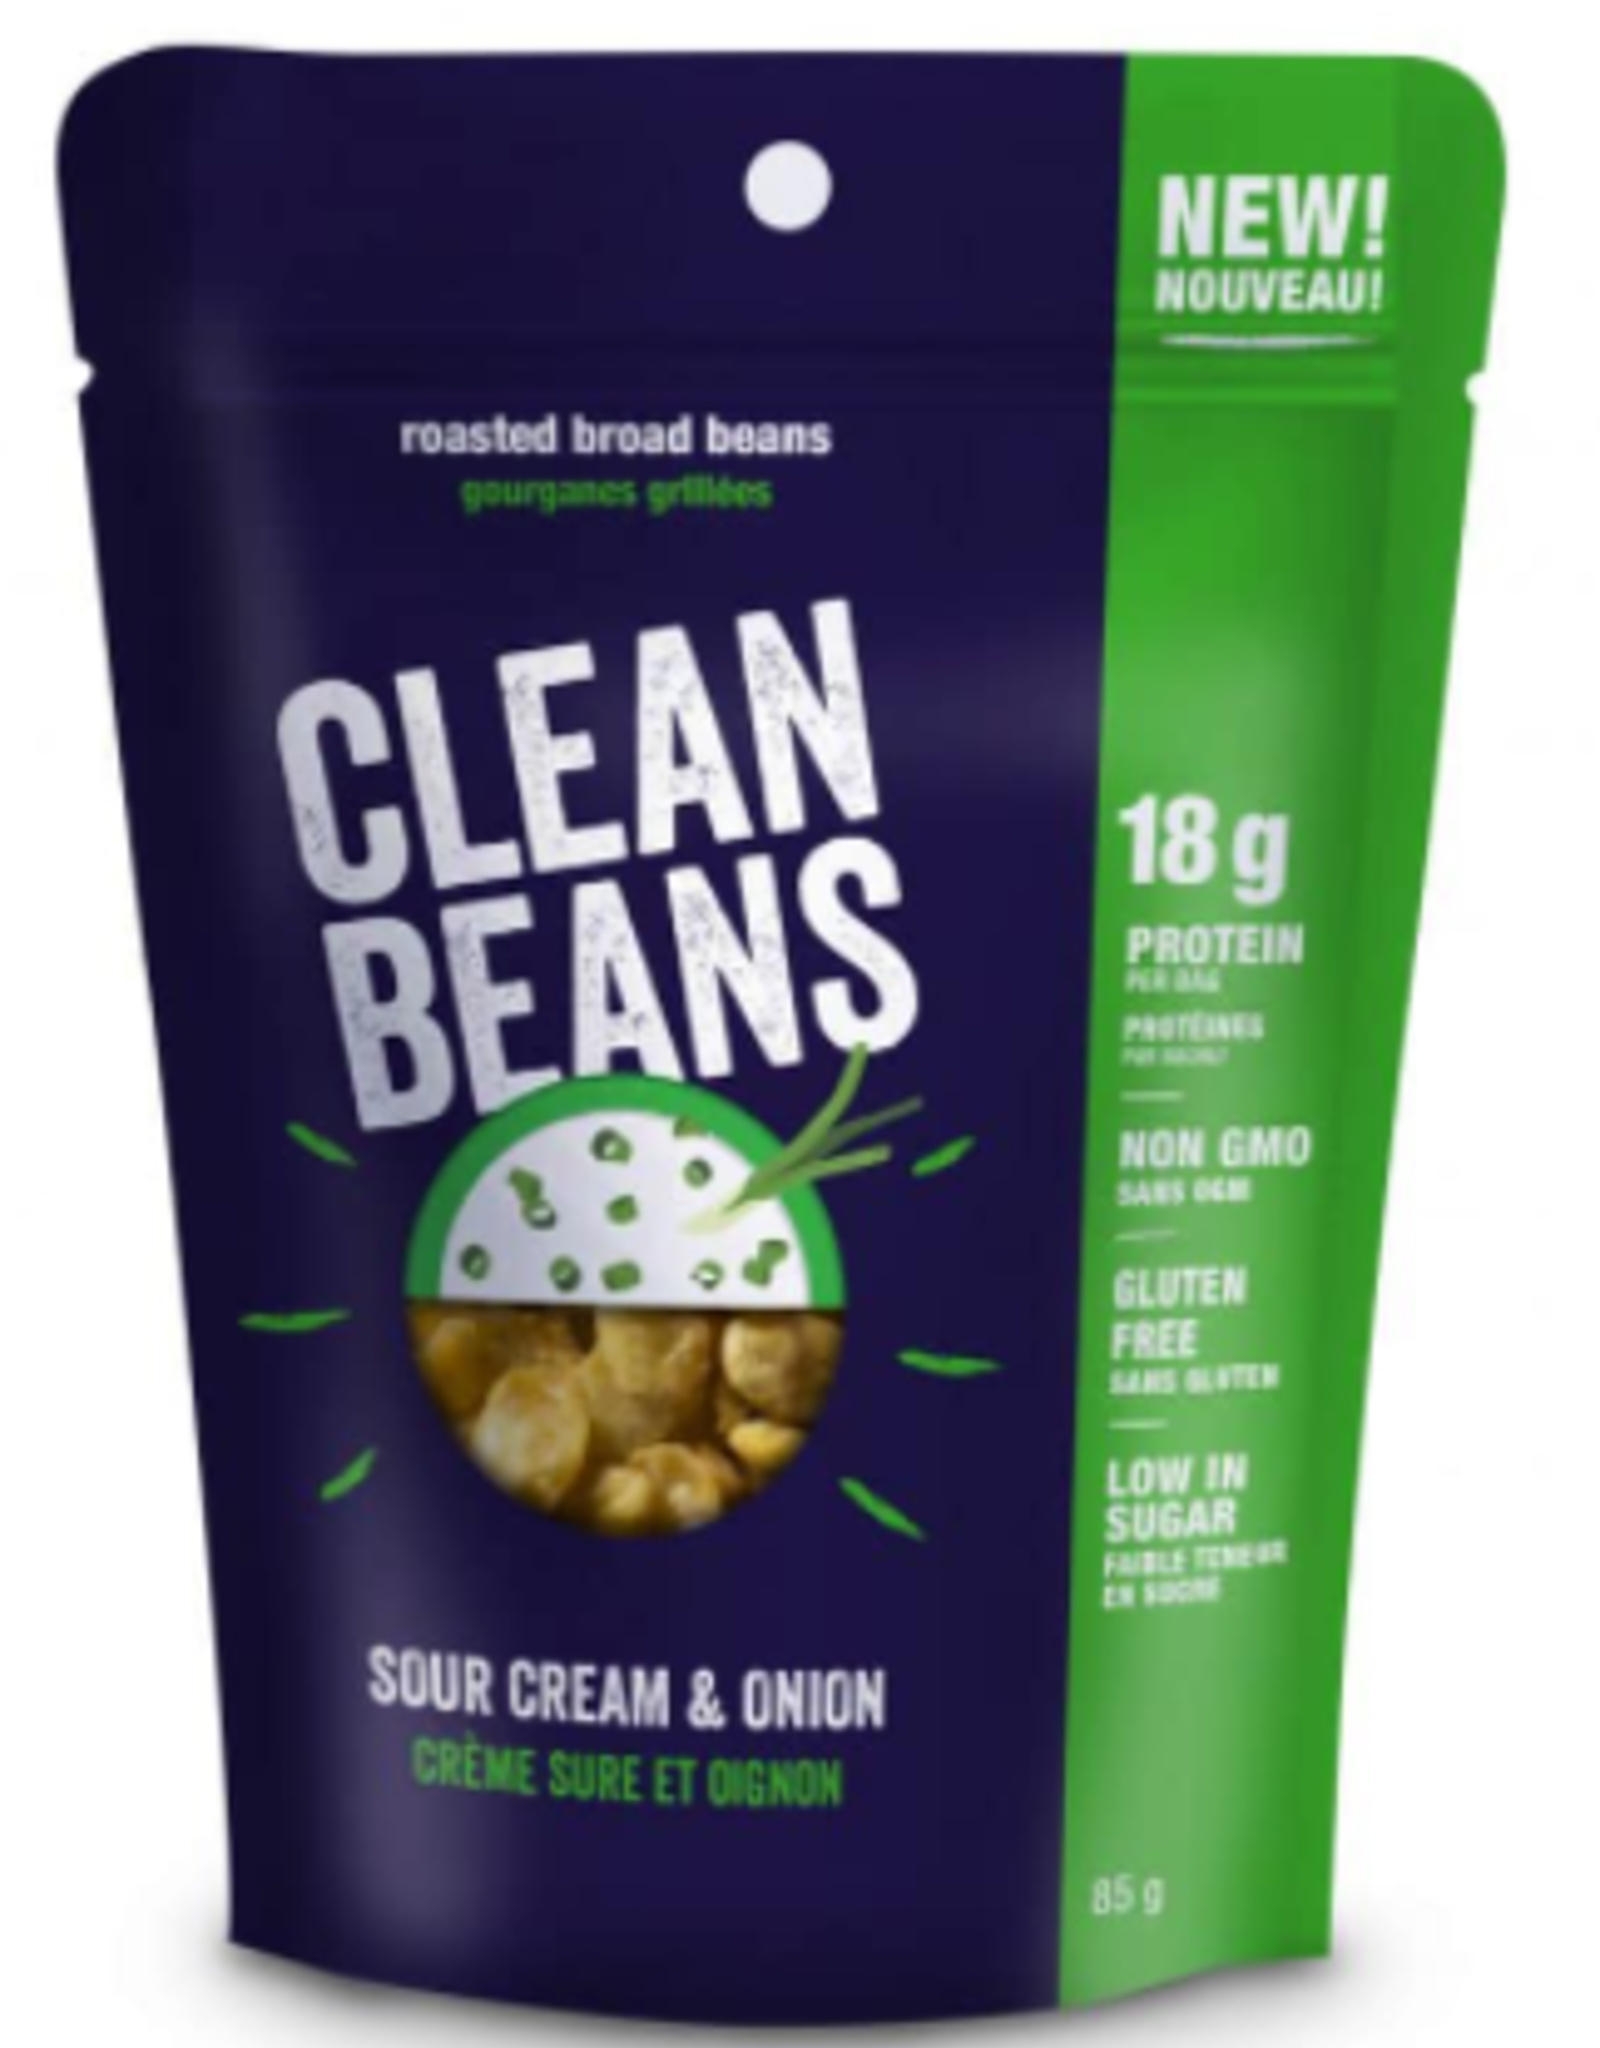 Clean Bean Clean Beans-Roasted Broad Beans, Sour Cream & Onion, 85g